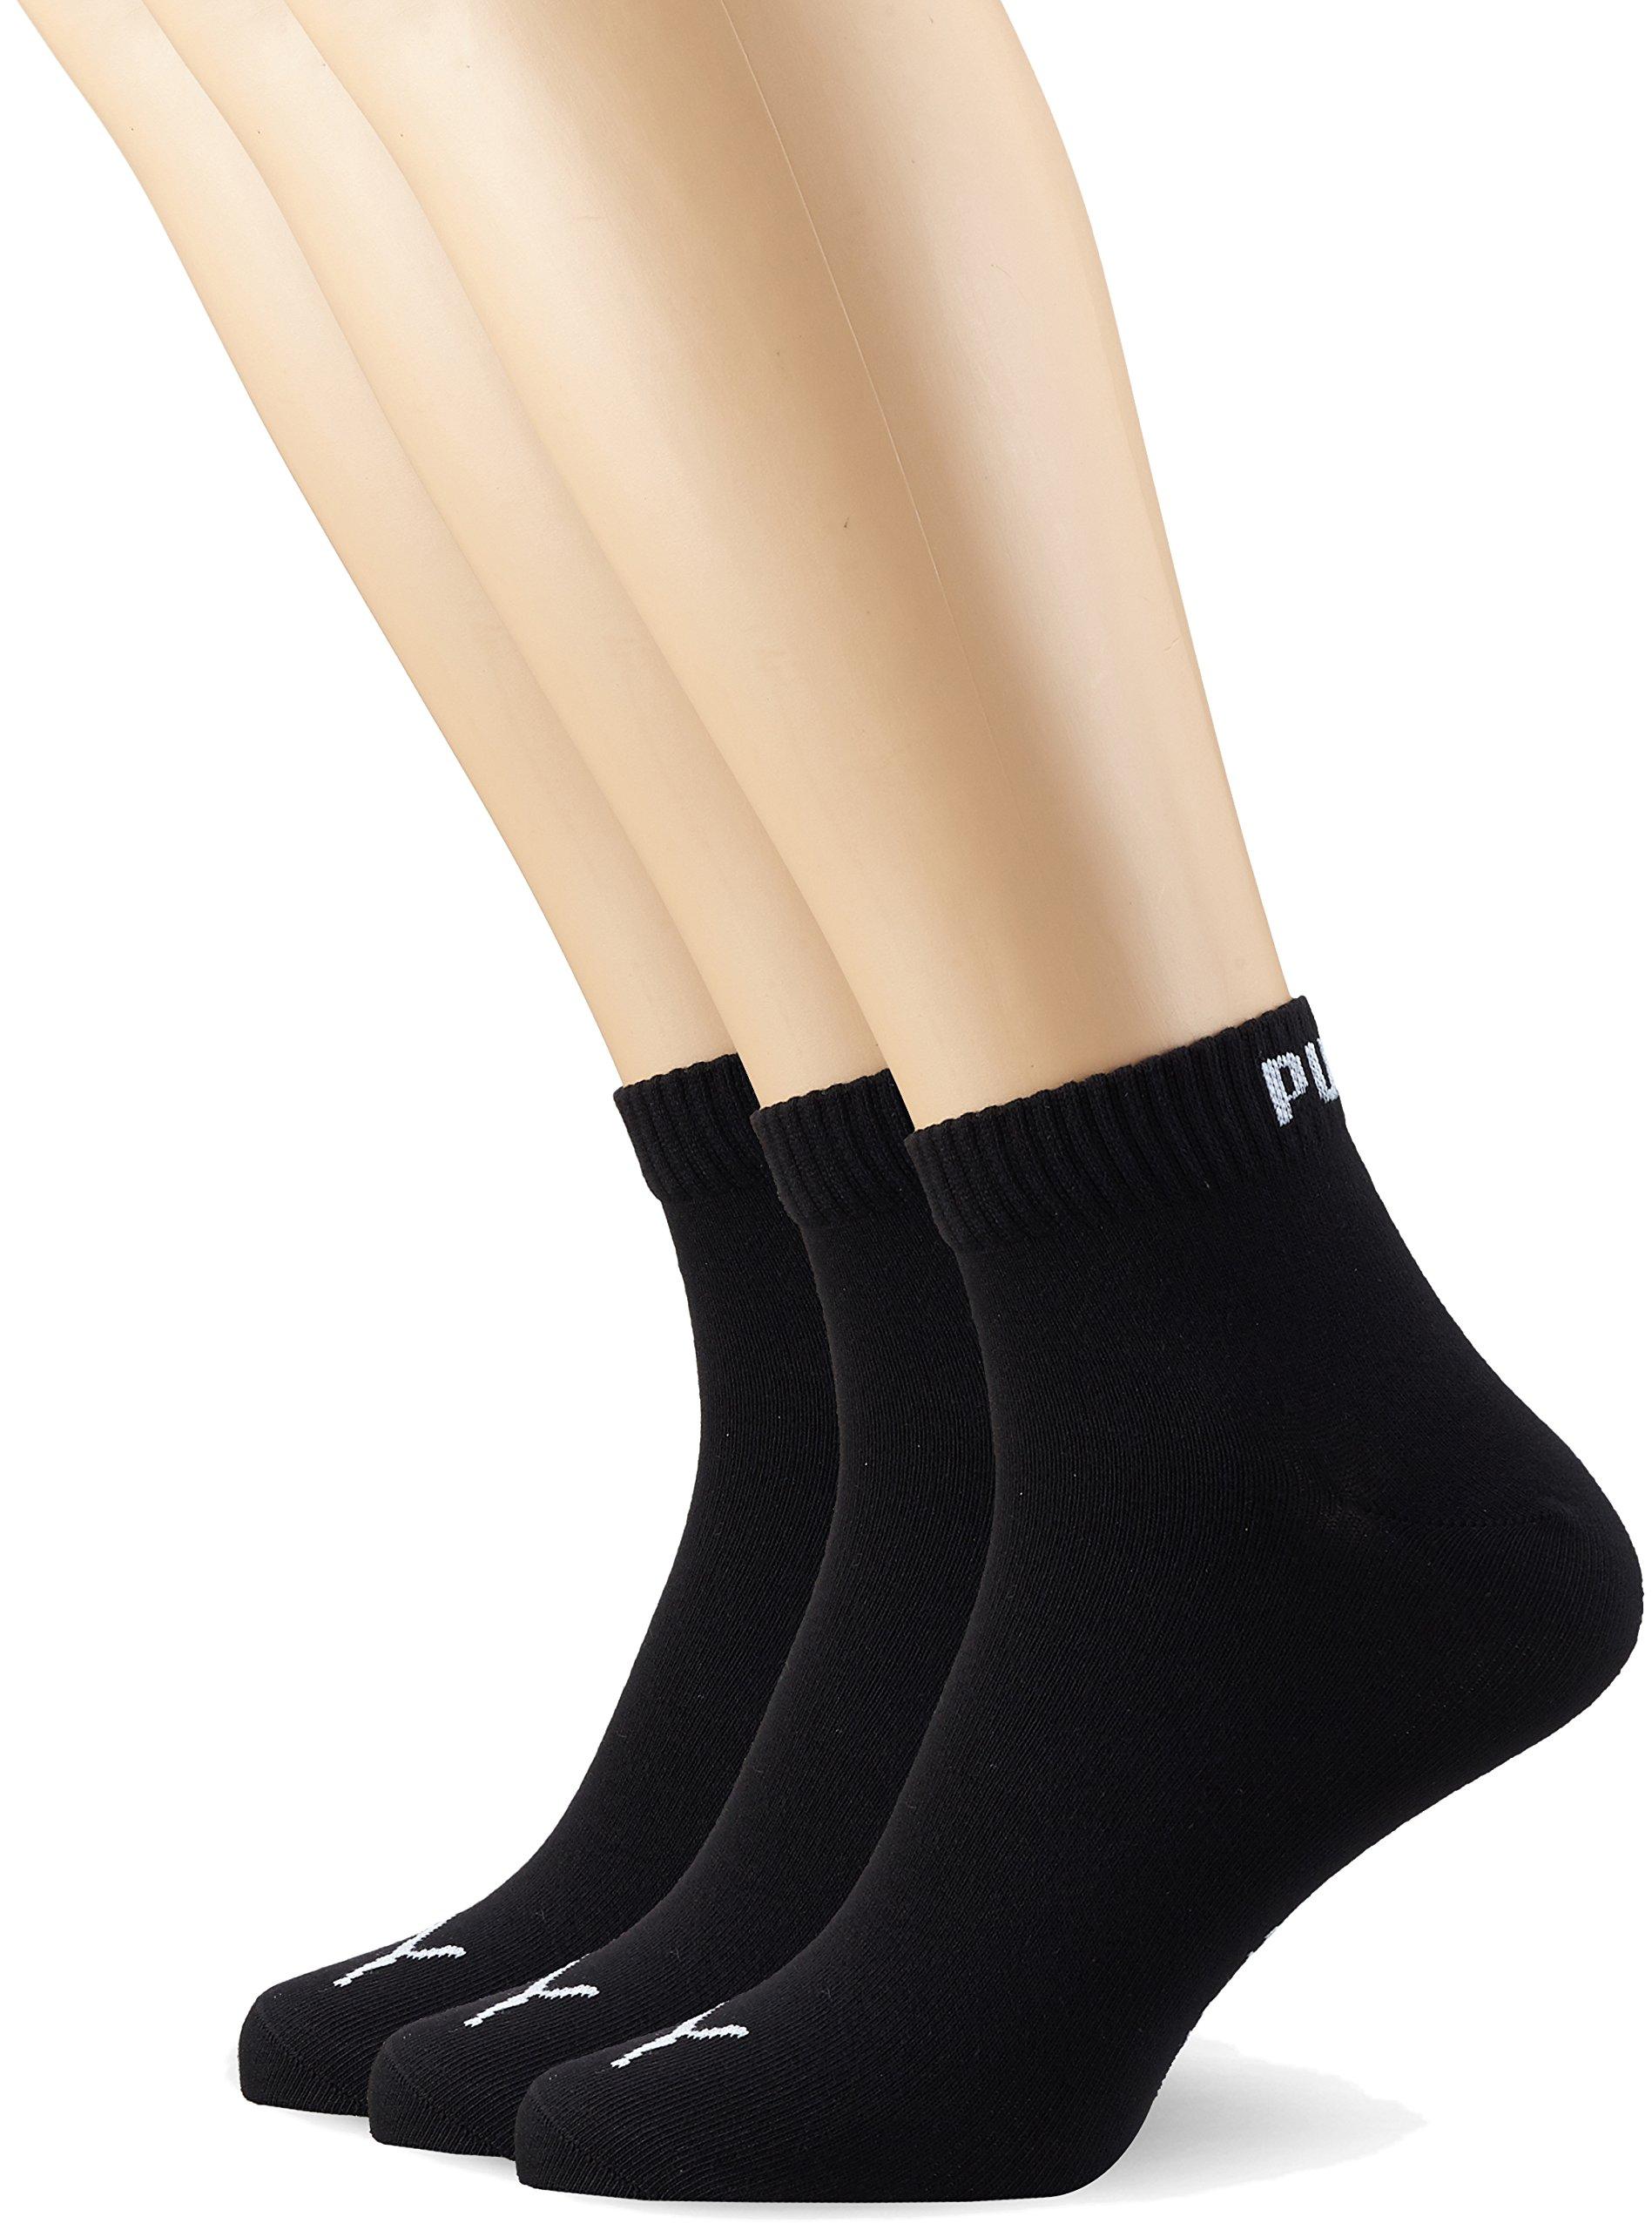 Am besten bewertete Produkte in der Kategorie Socken